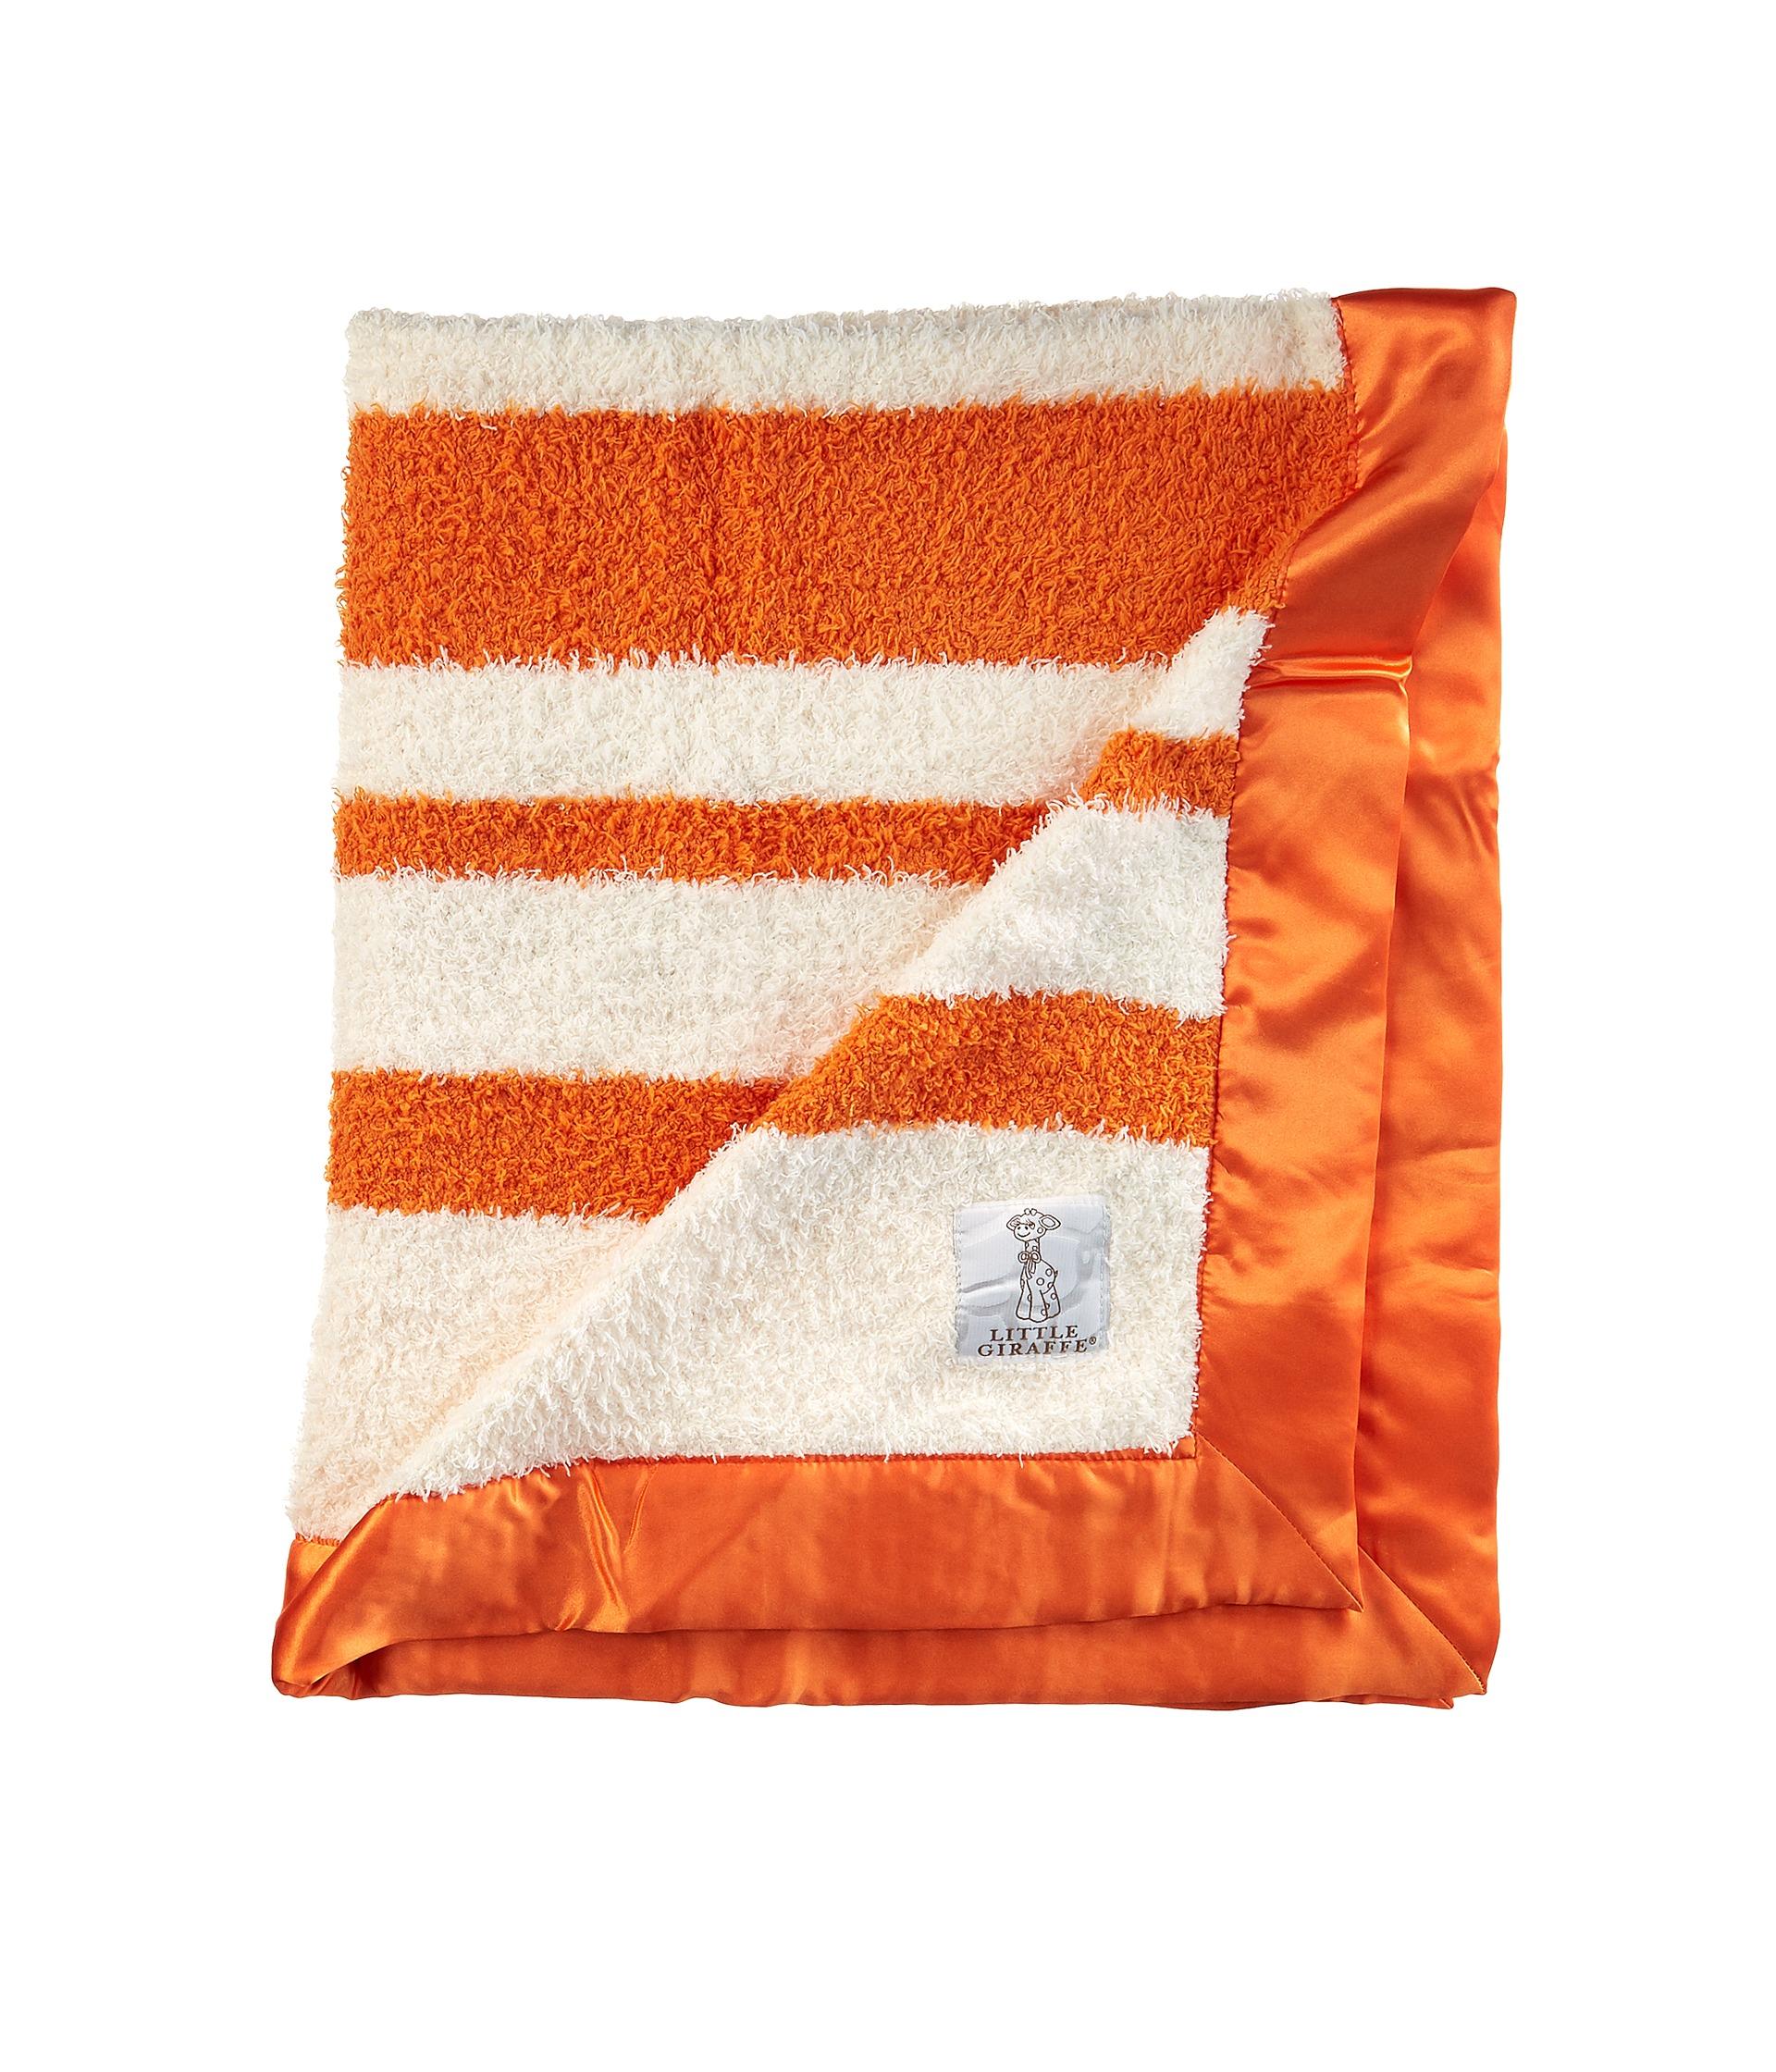 Giraffe Baby Blanket Knitting Pattern : Little Giraffe Chenille Knit Baby Blanket at Zappos.com